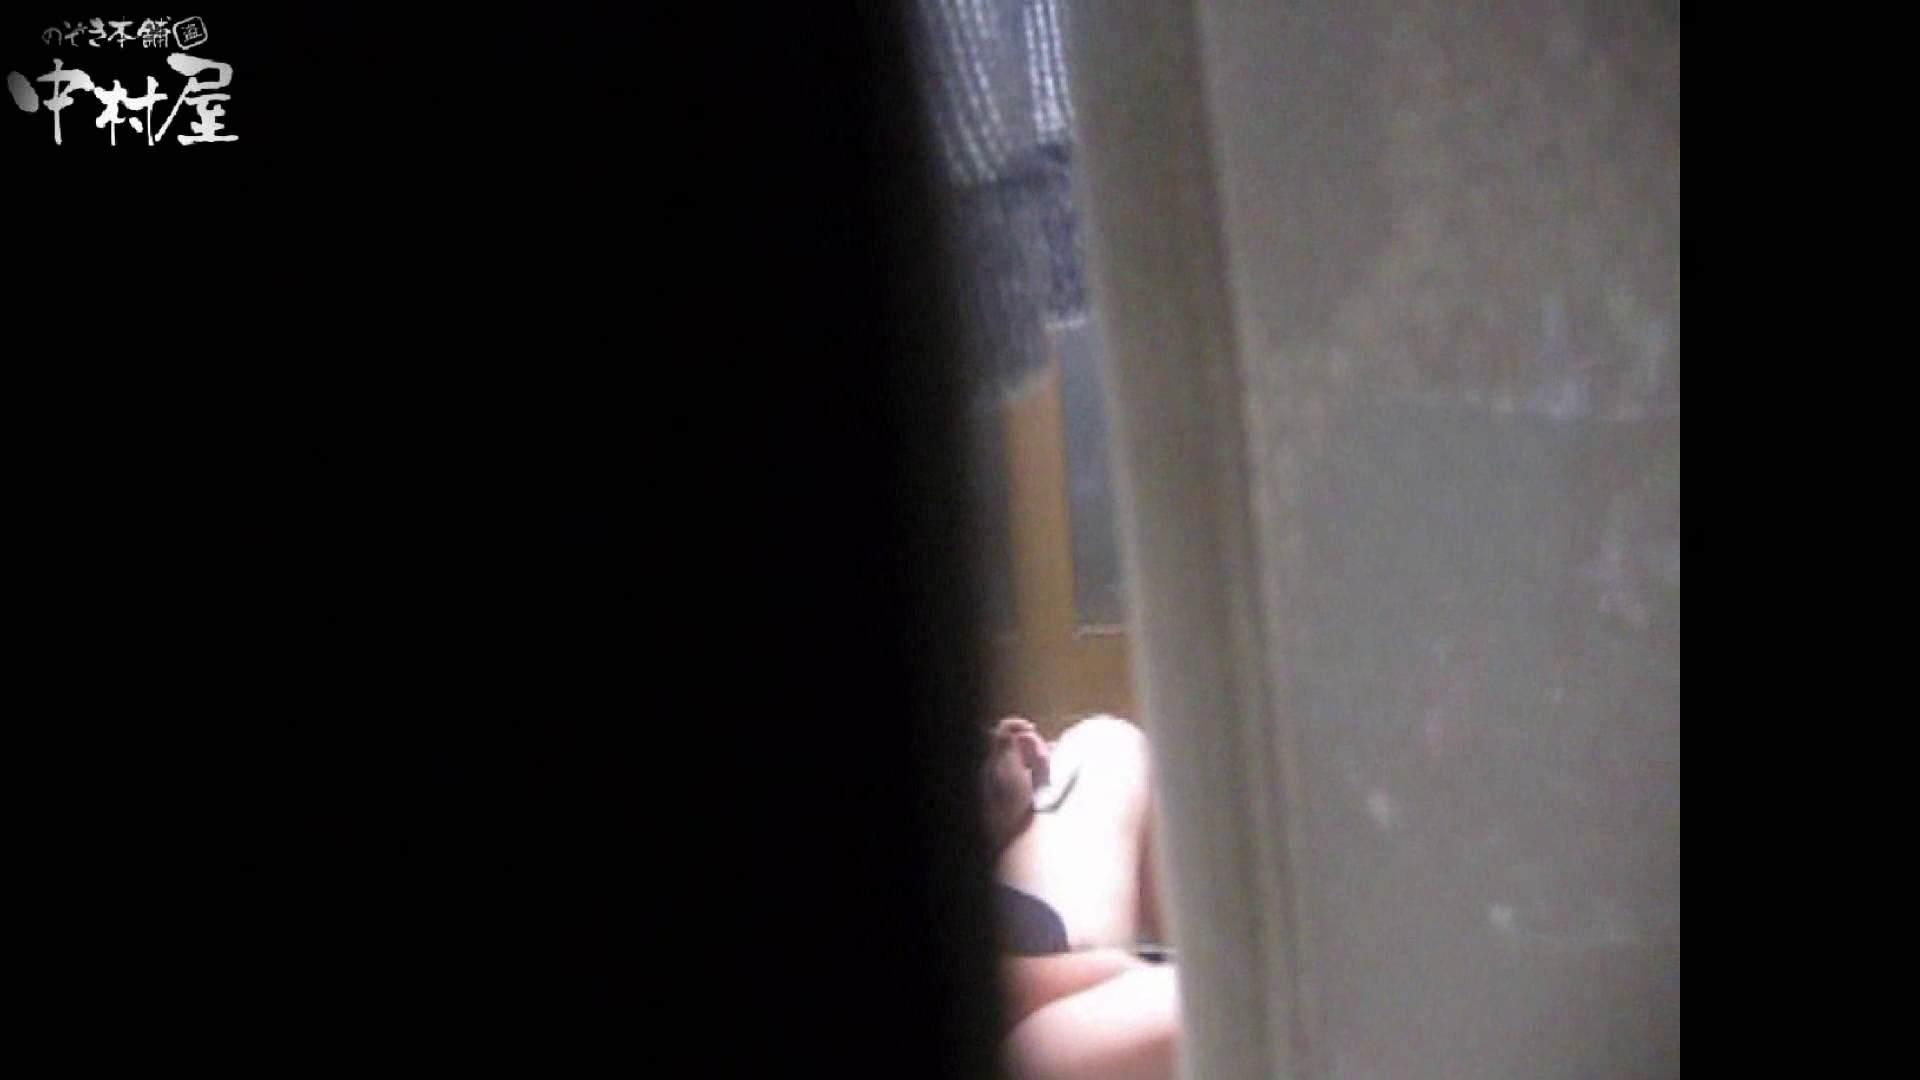 民家風呂専門盗撮師の超危険映像 vol.021 美女まとめ オメコ無修正動画無料 85PIX 27